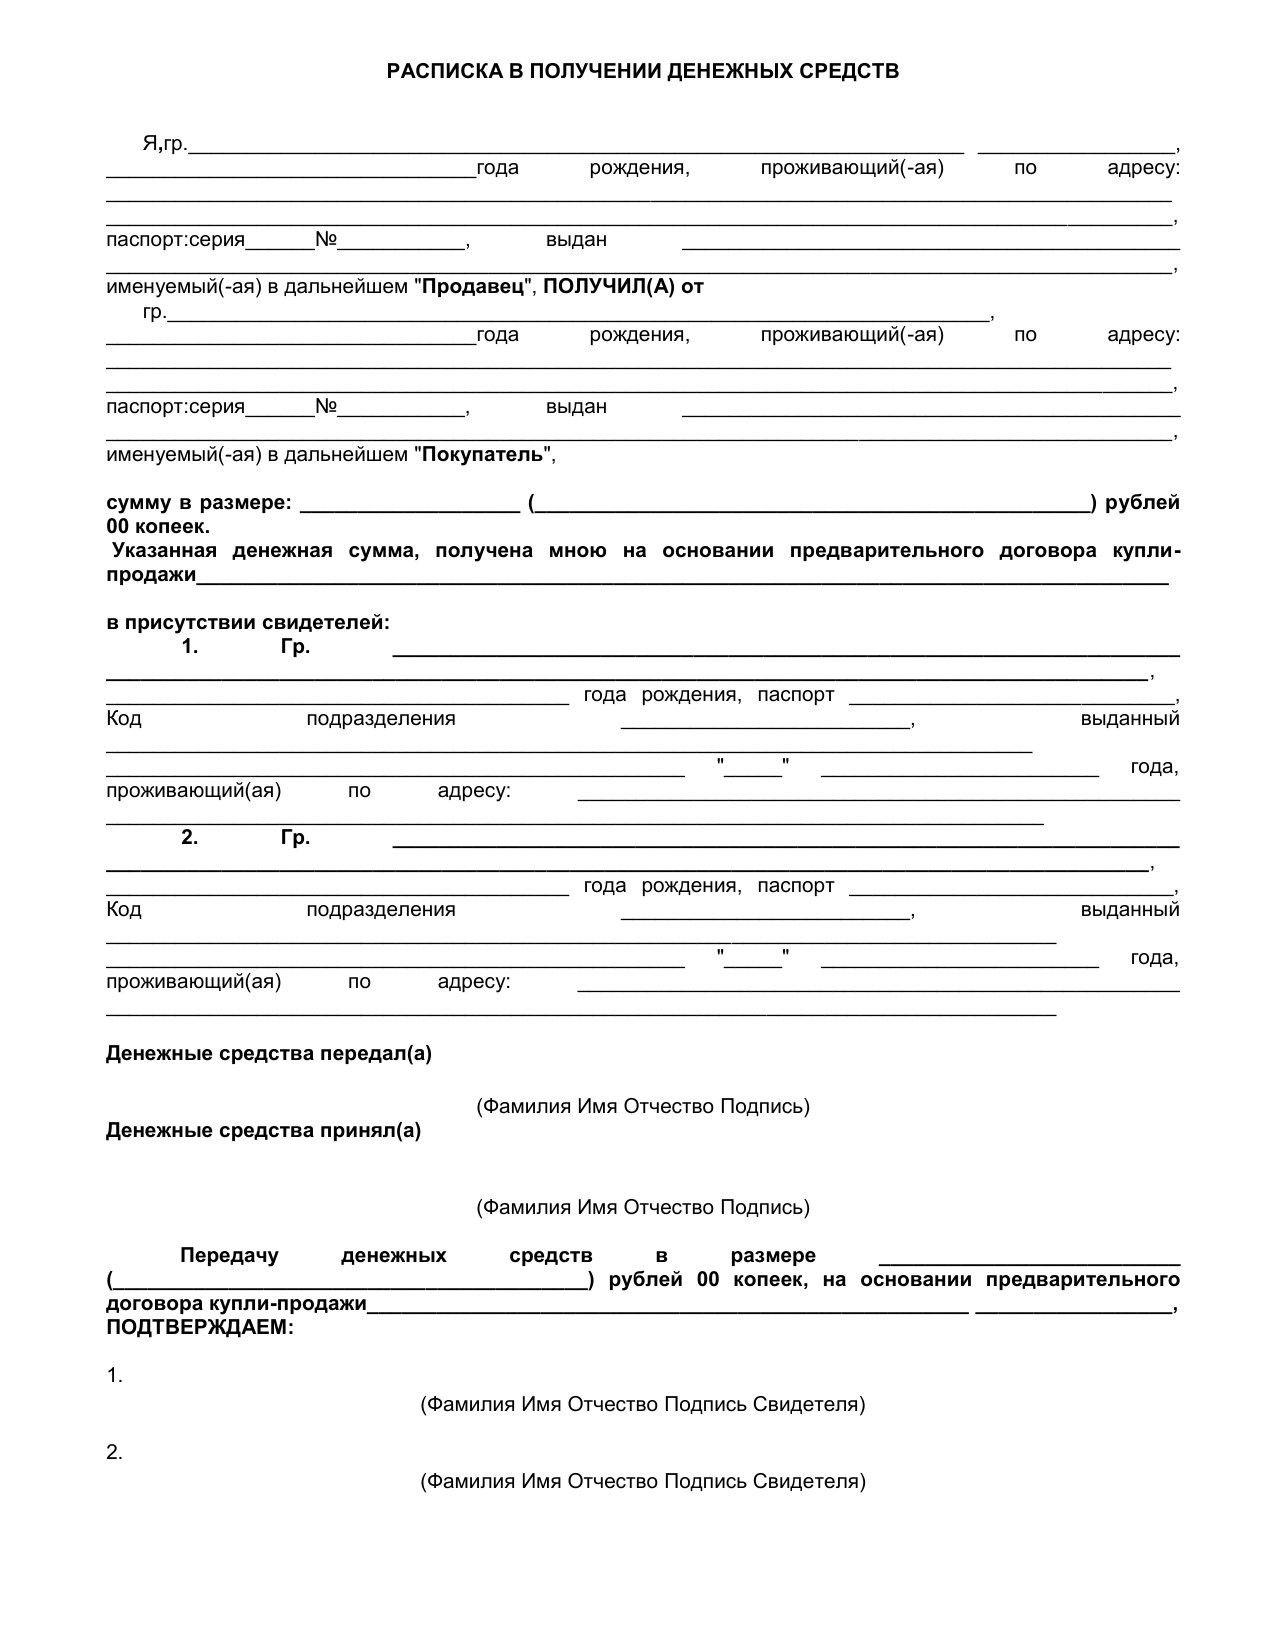 Образец расписки в получении денежных средств аванс за квартиру.